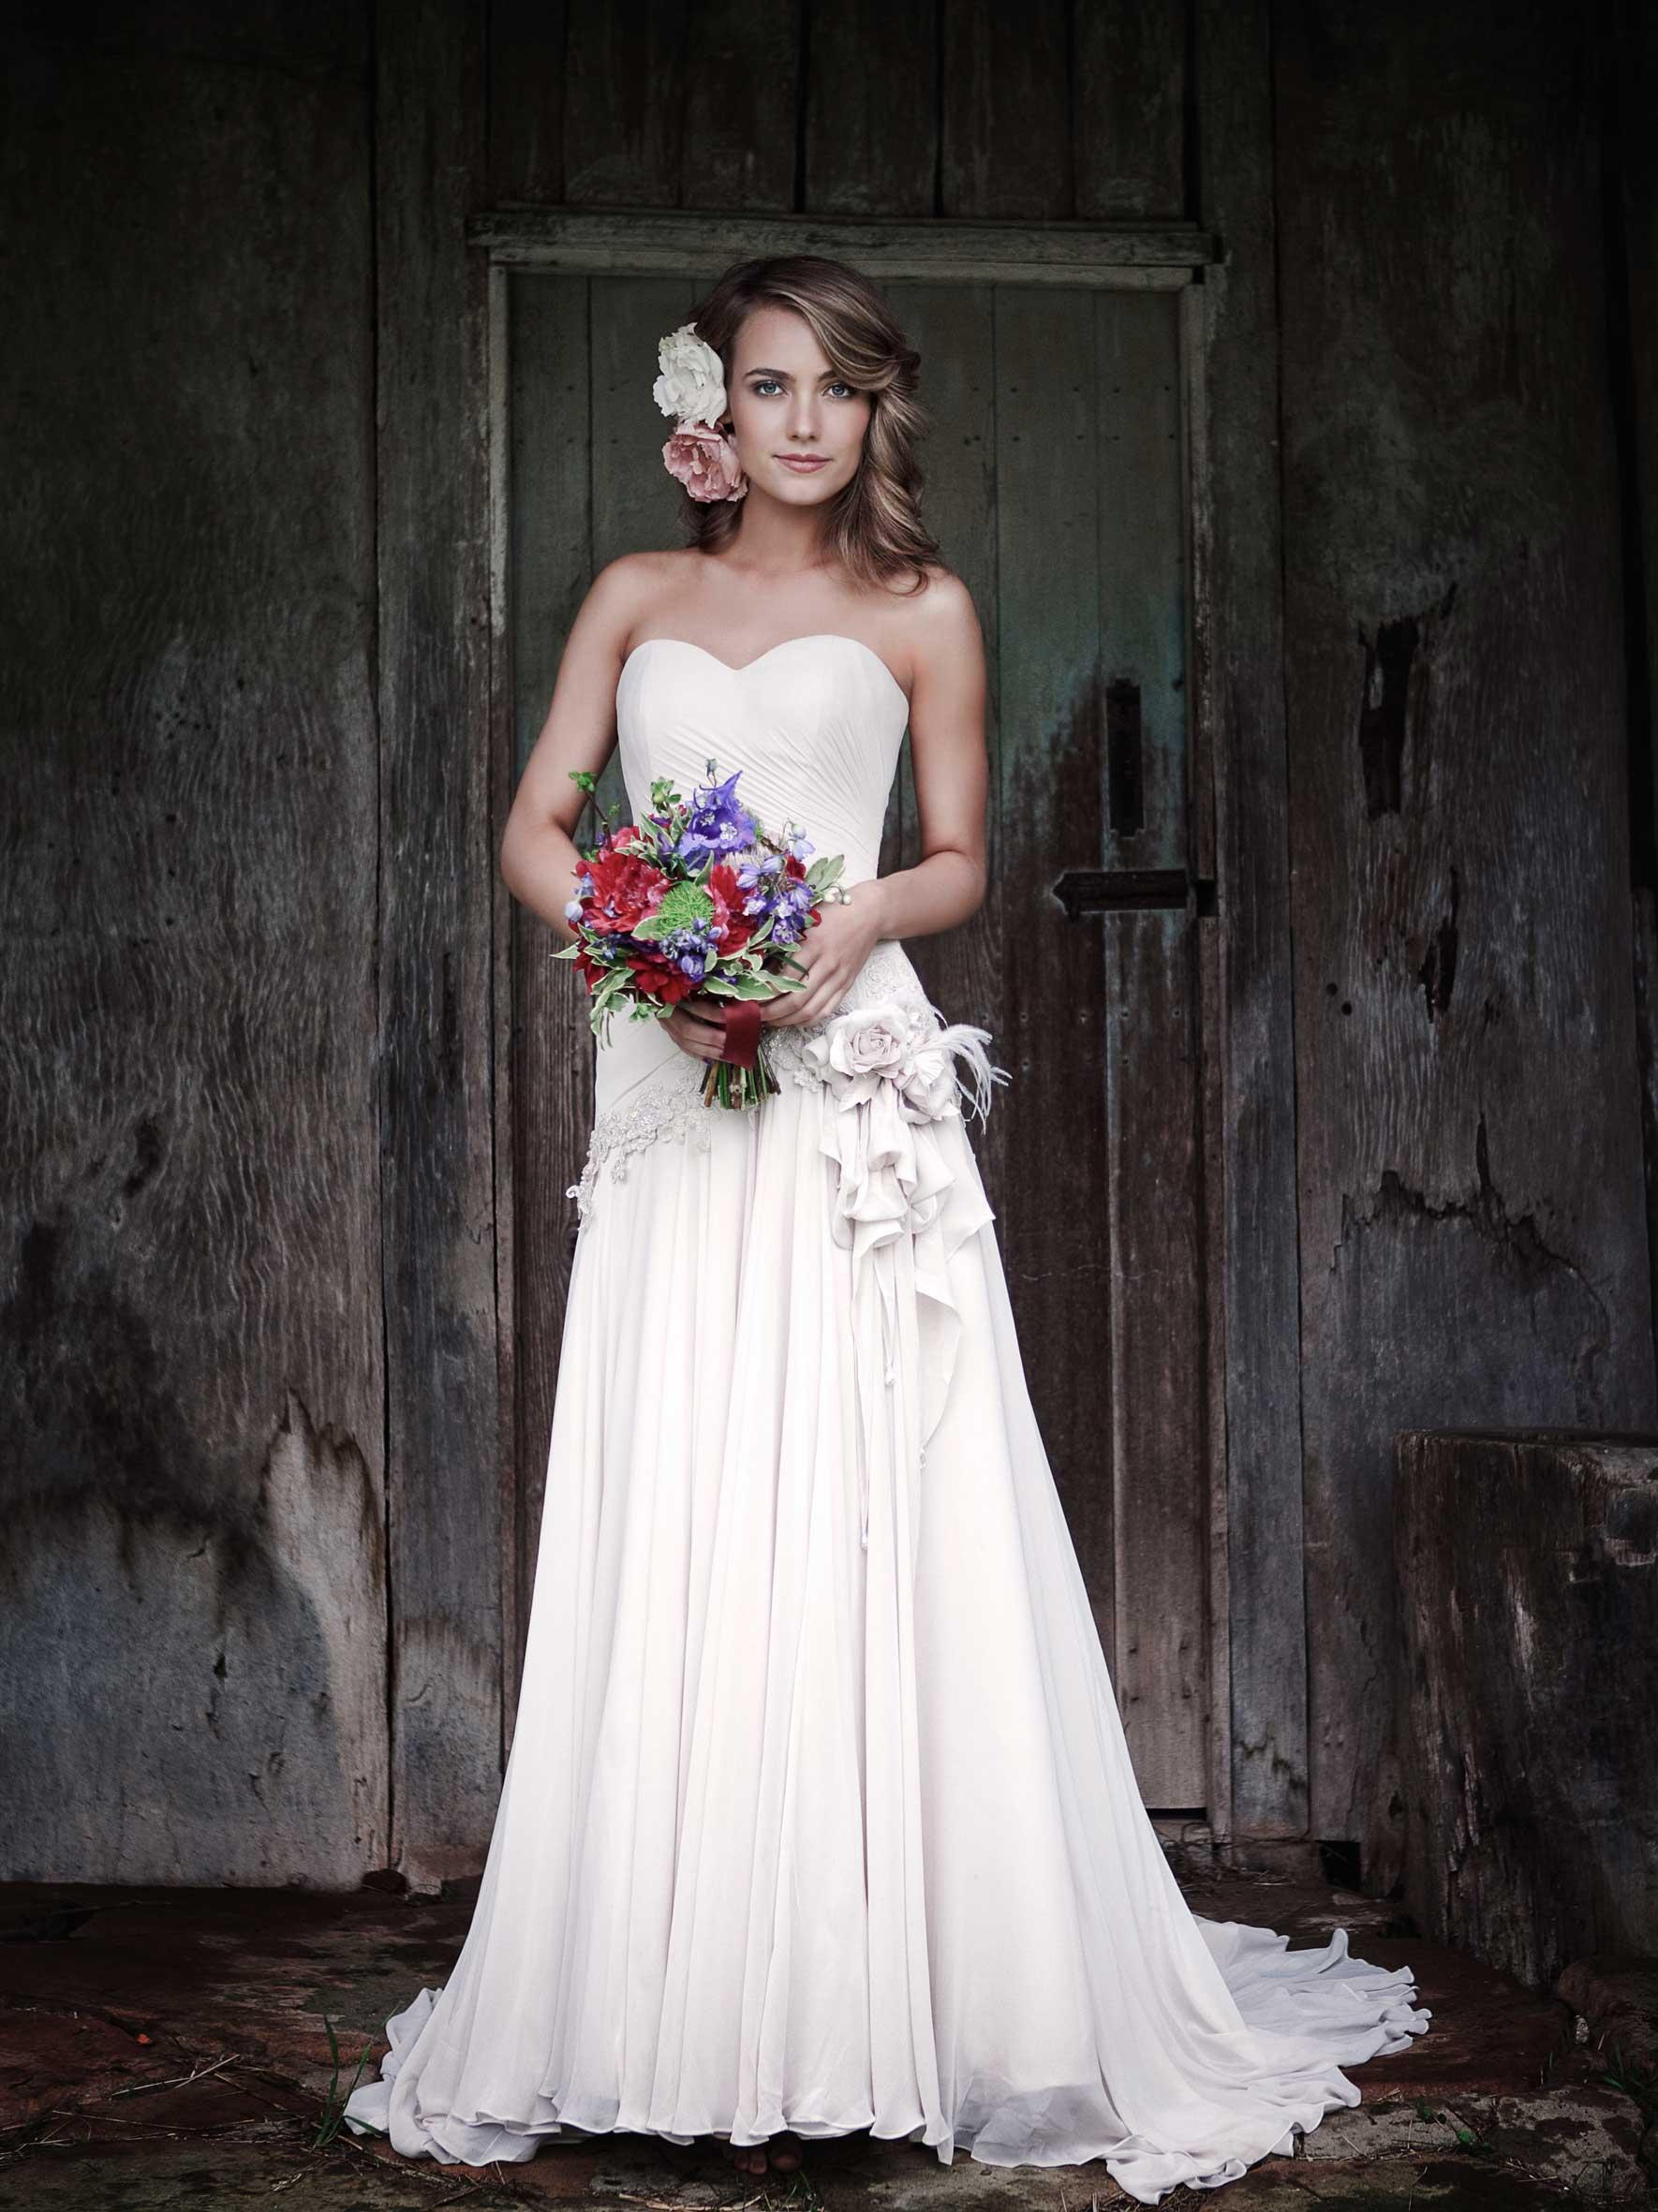 brides-desire-by-wendy-sullivan.jpg